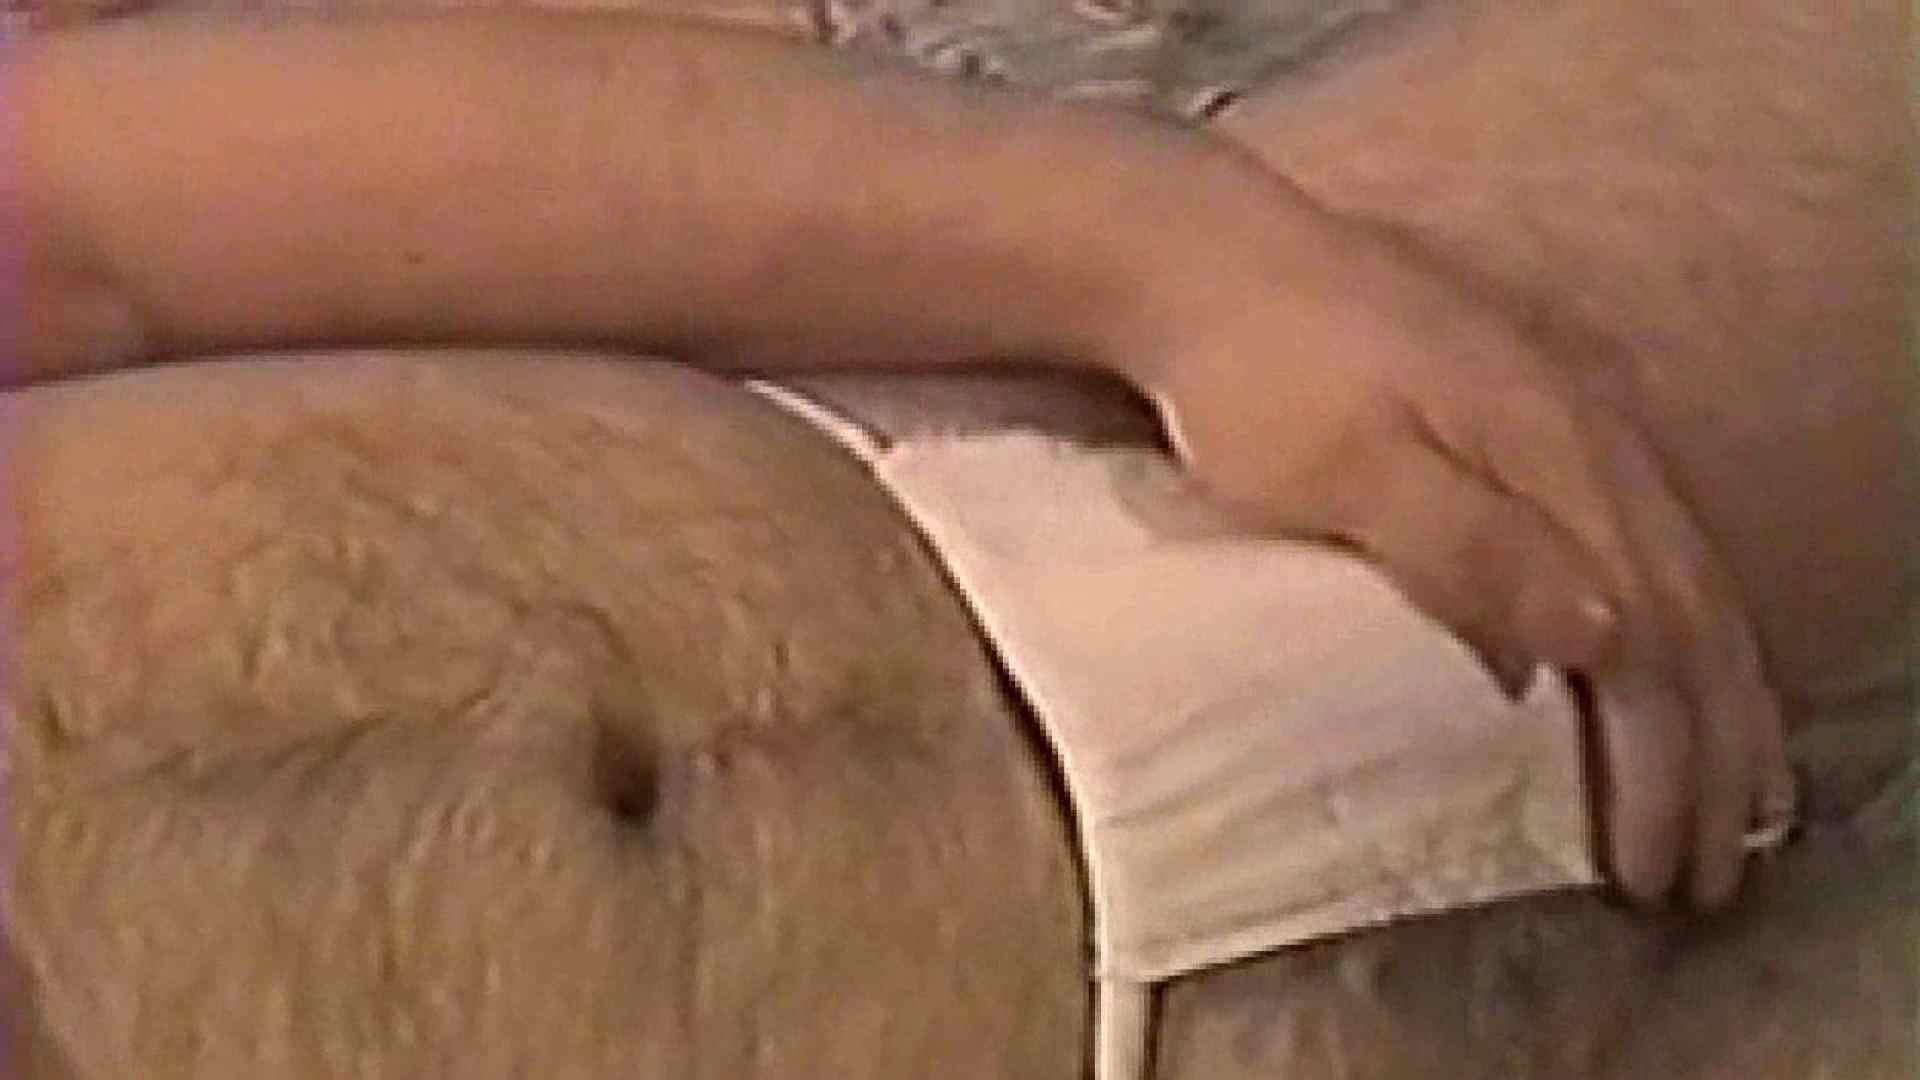 オナニーでほえろ なんじゃこりゃぁあ!!Vol.08前編 ふんどしの男たち Guyエロ画像 105連発 6